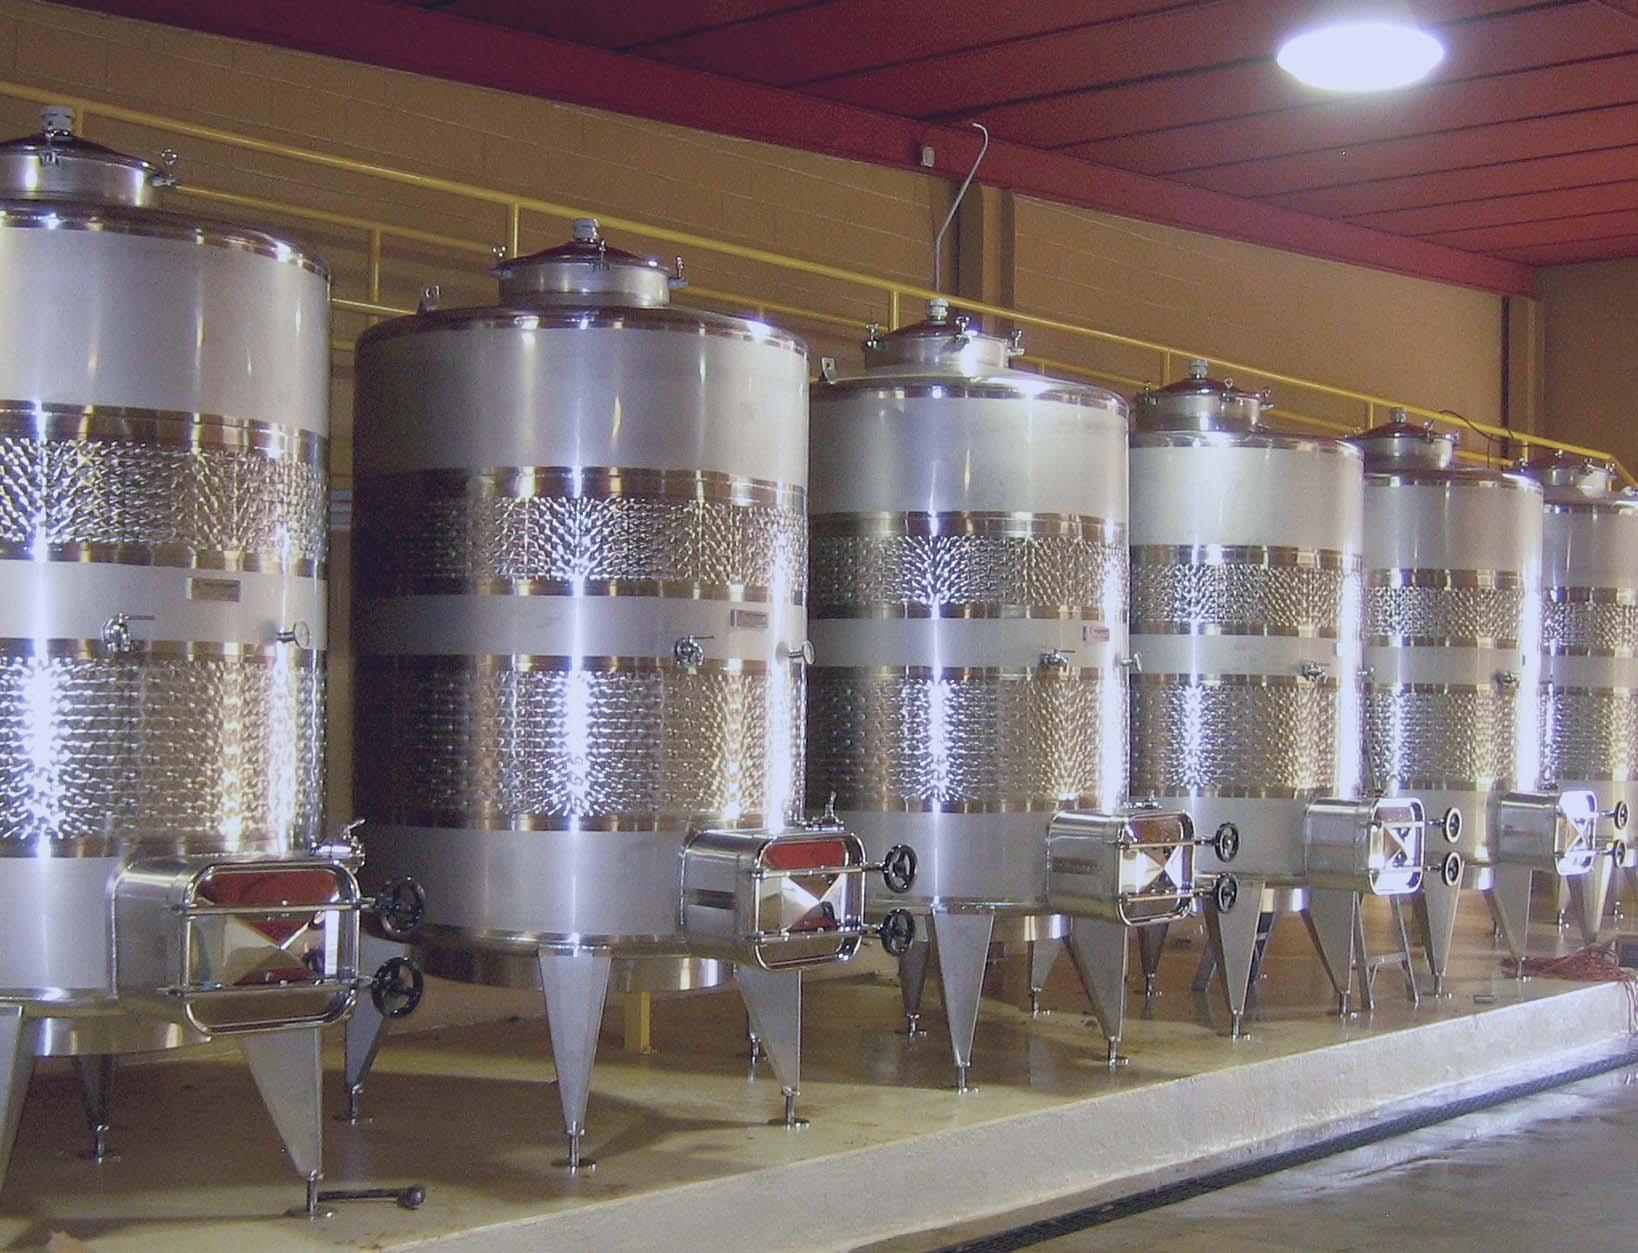 fermentation_tanks_kiepersol.jpg